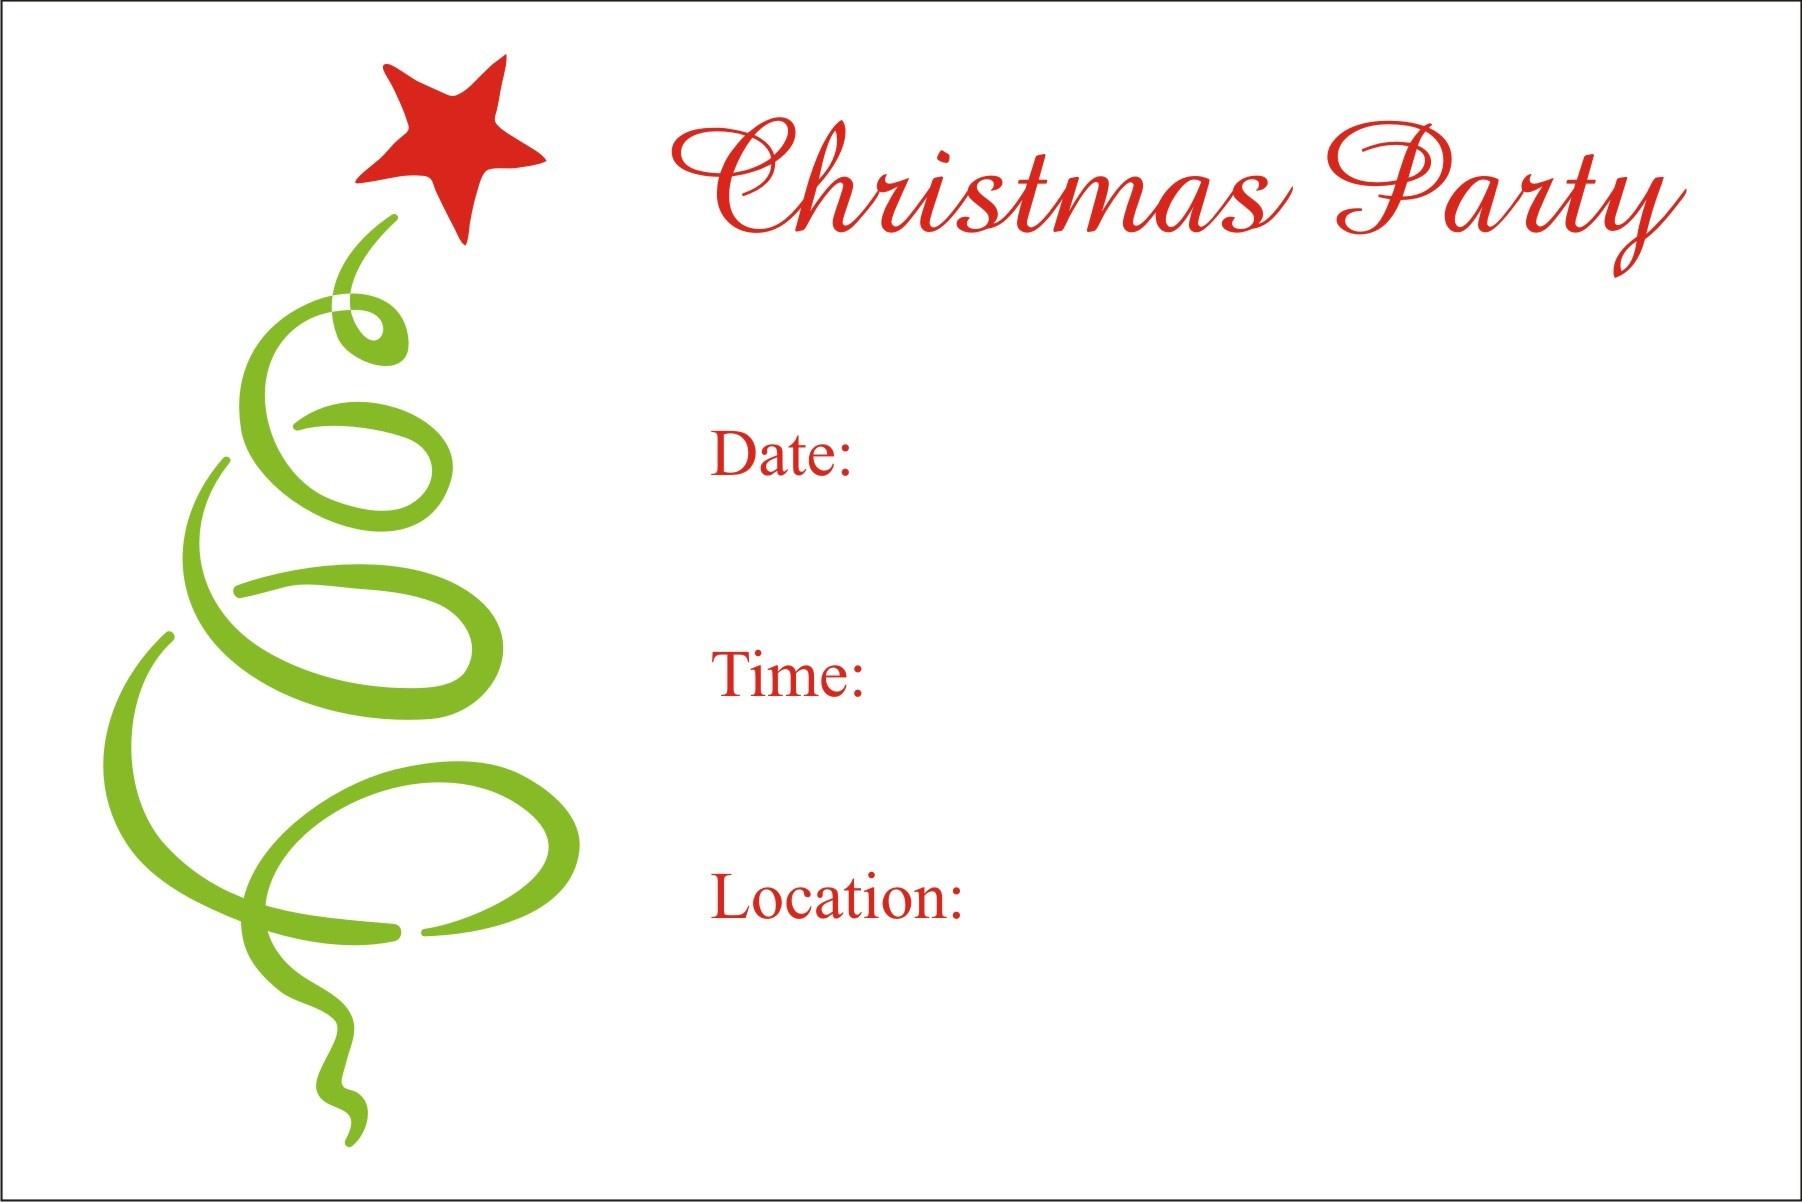 Christmas Party Free Printable Holiday Invitation Personalized Party - Free Printable Personalized Christmas Invitations